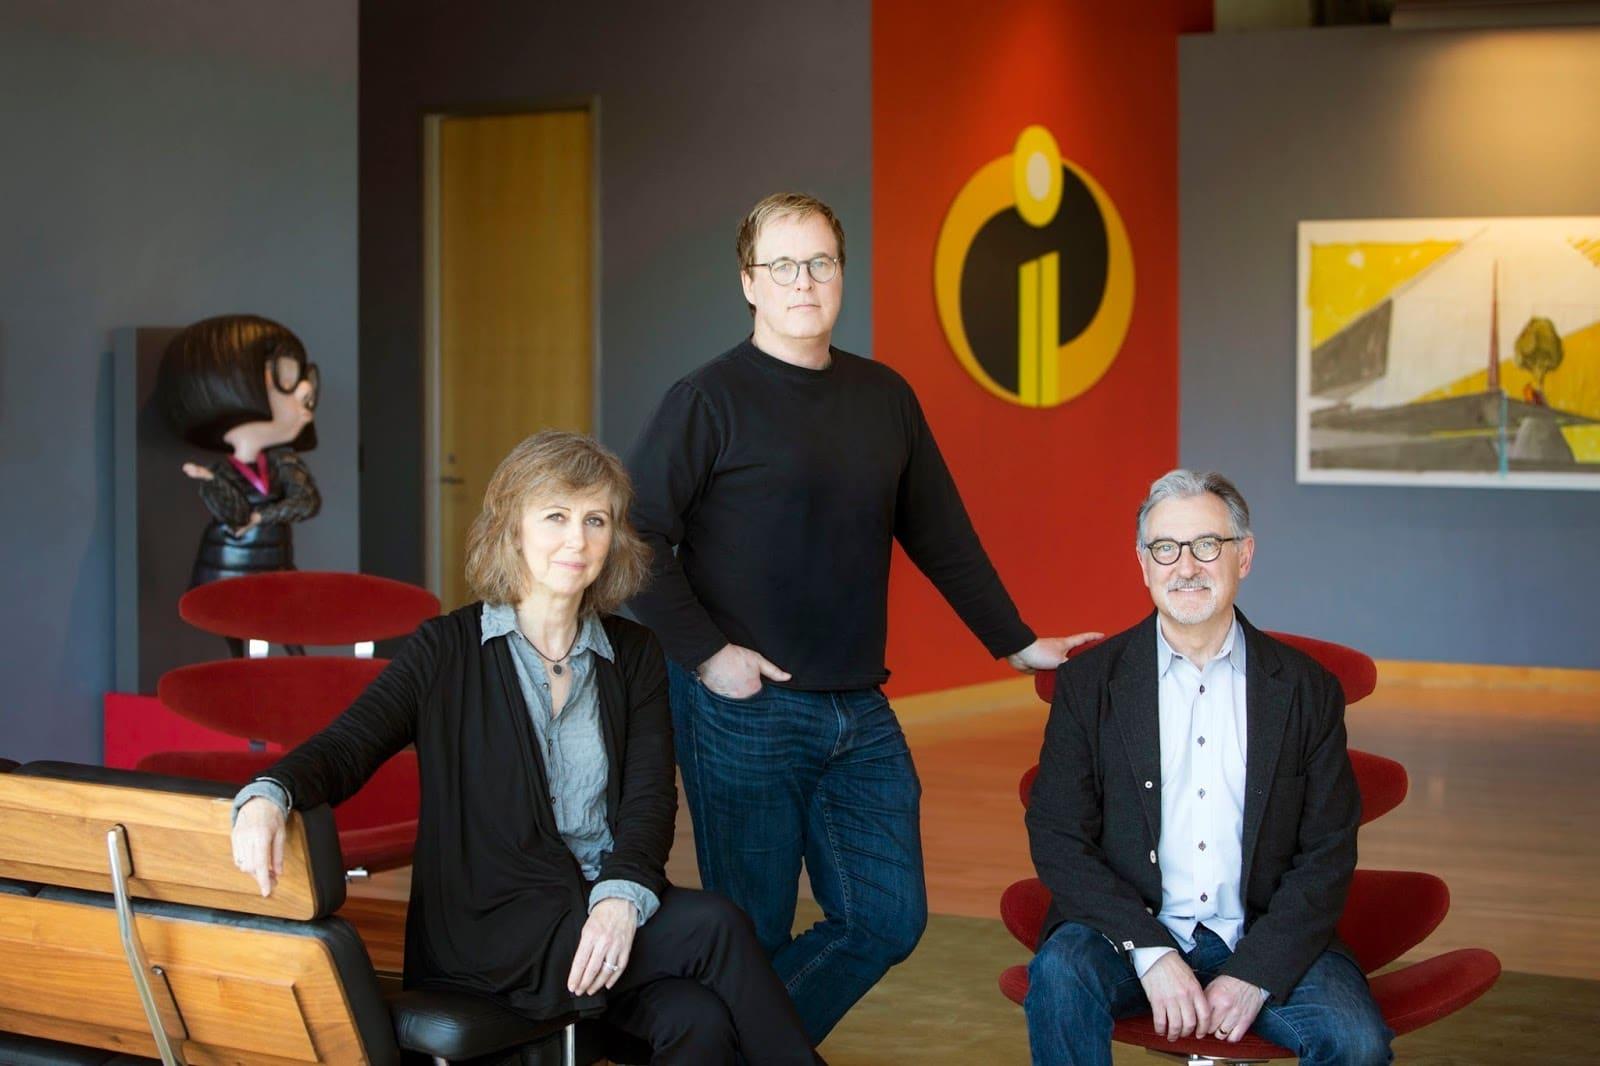 Le réalisateur des Indestructibles 2 Brad Bird et les producteurs John Walker et Nicole Grindle